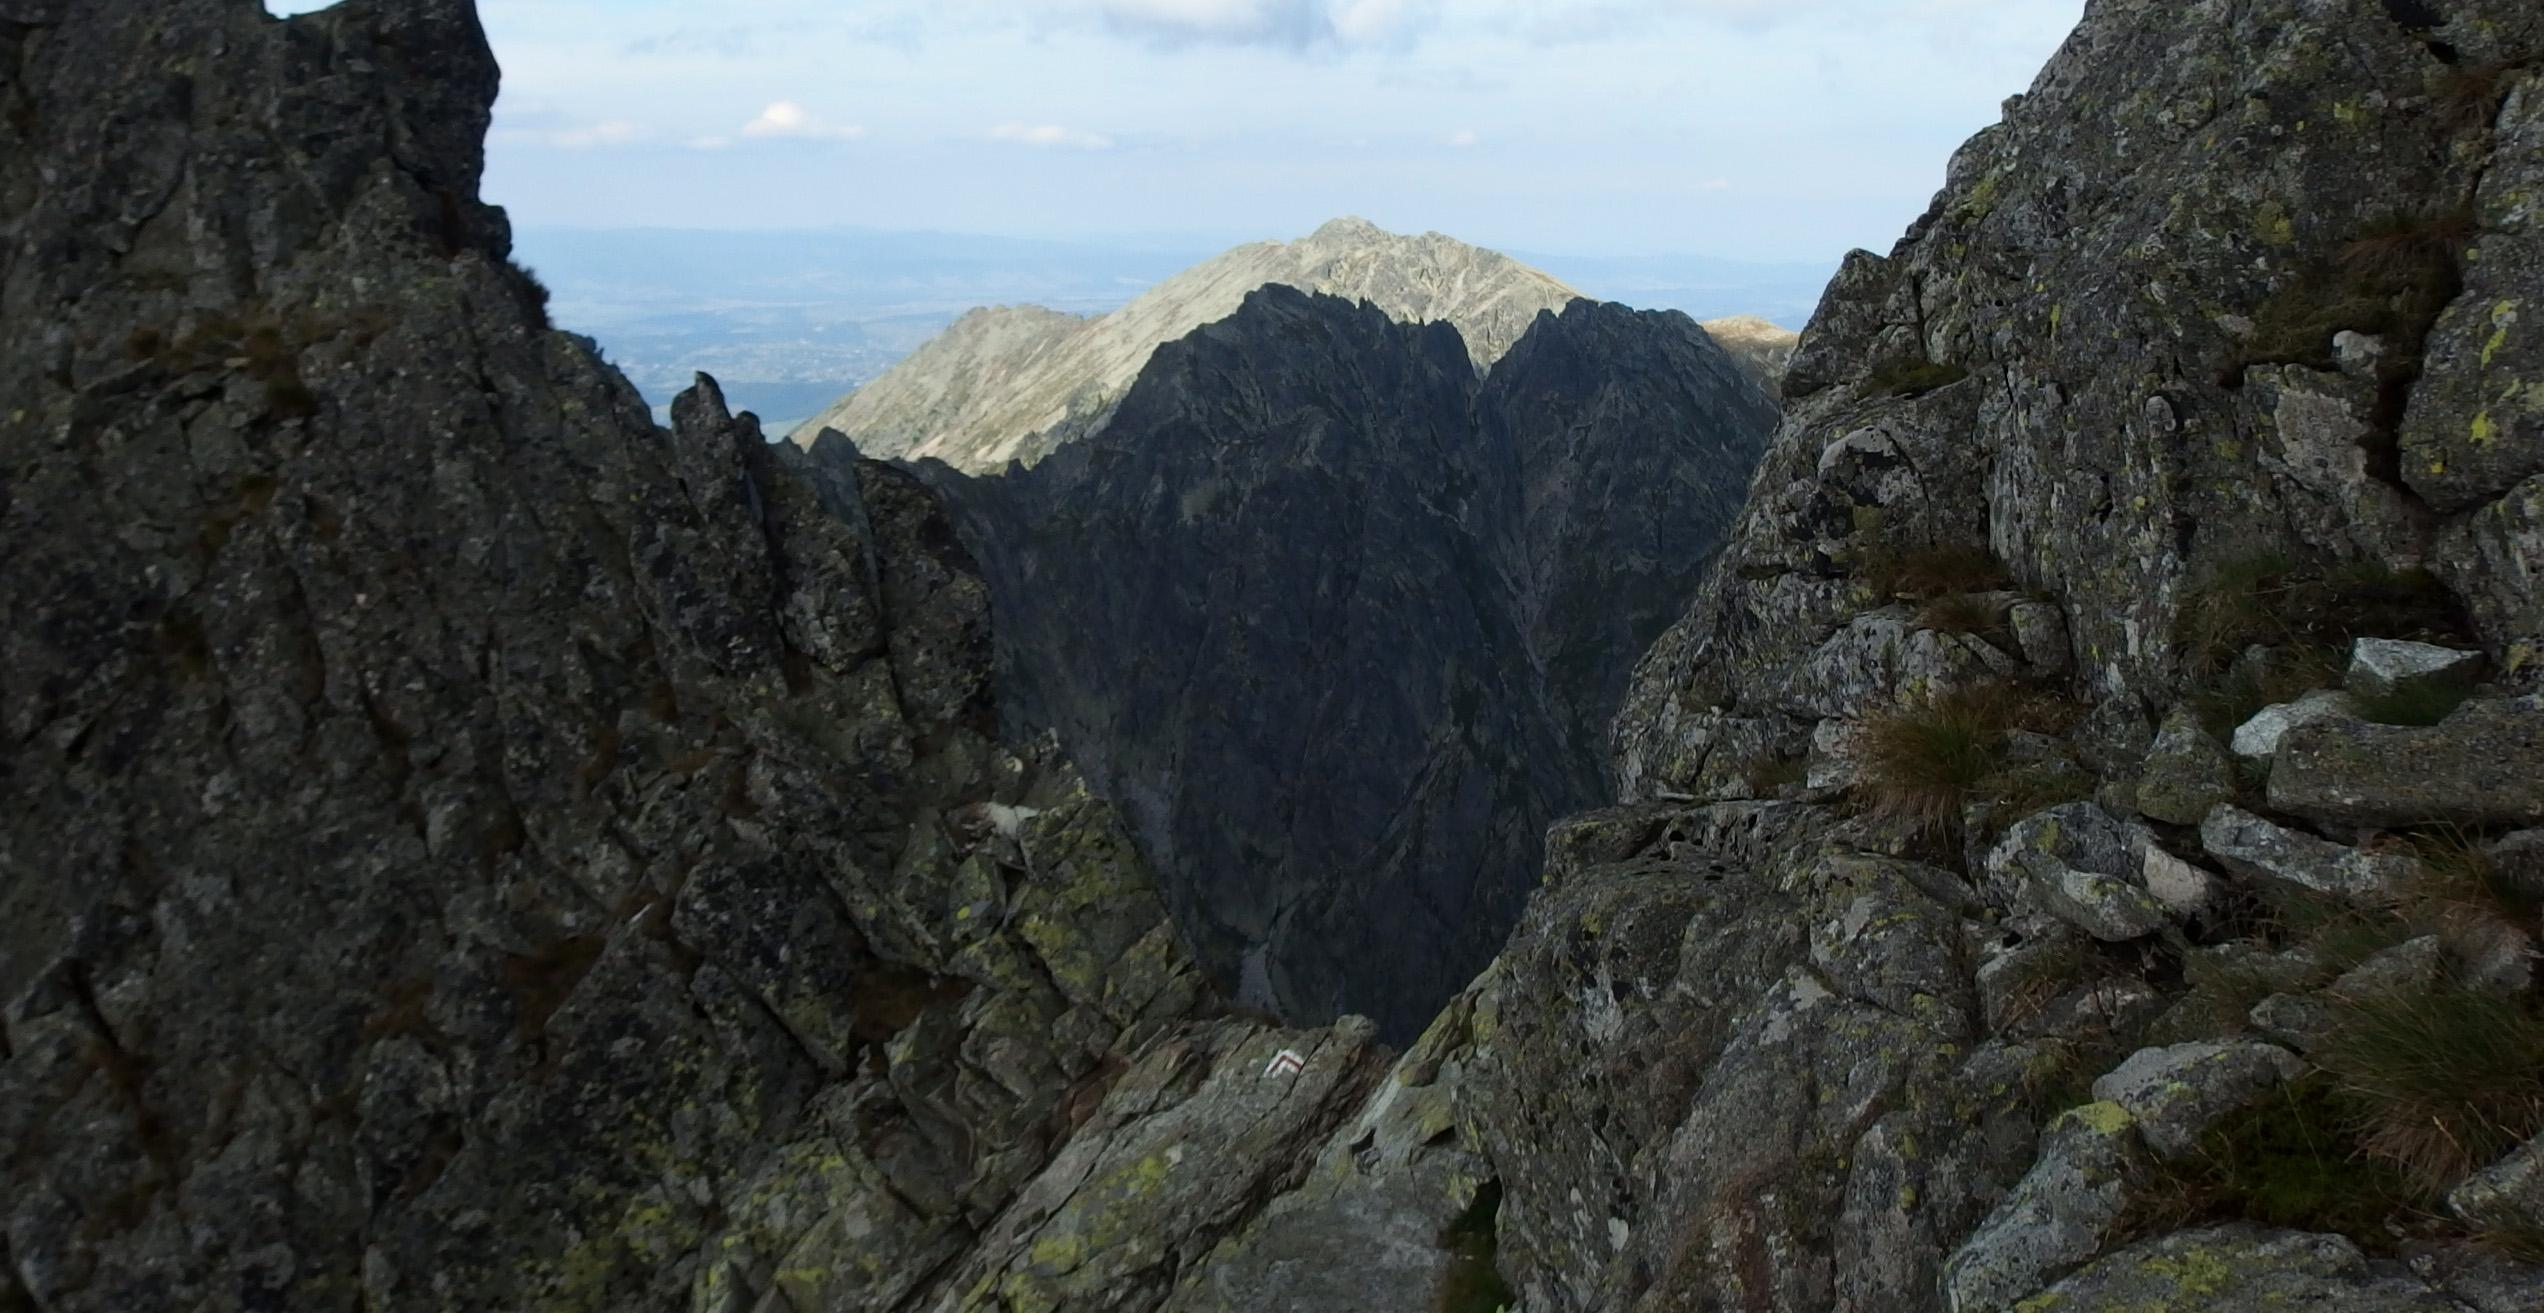 Orla Perć - najtrudniejszy szlak w Tatrach